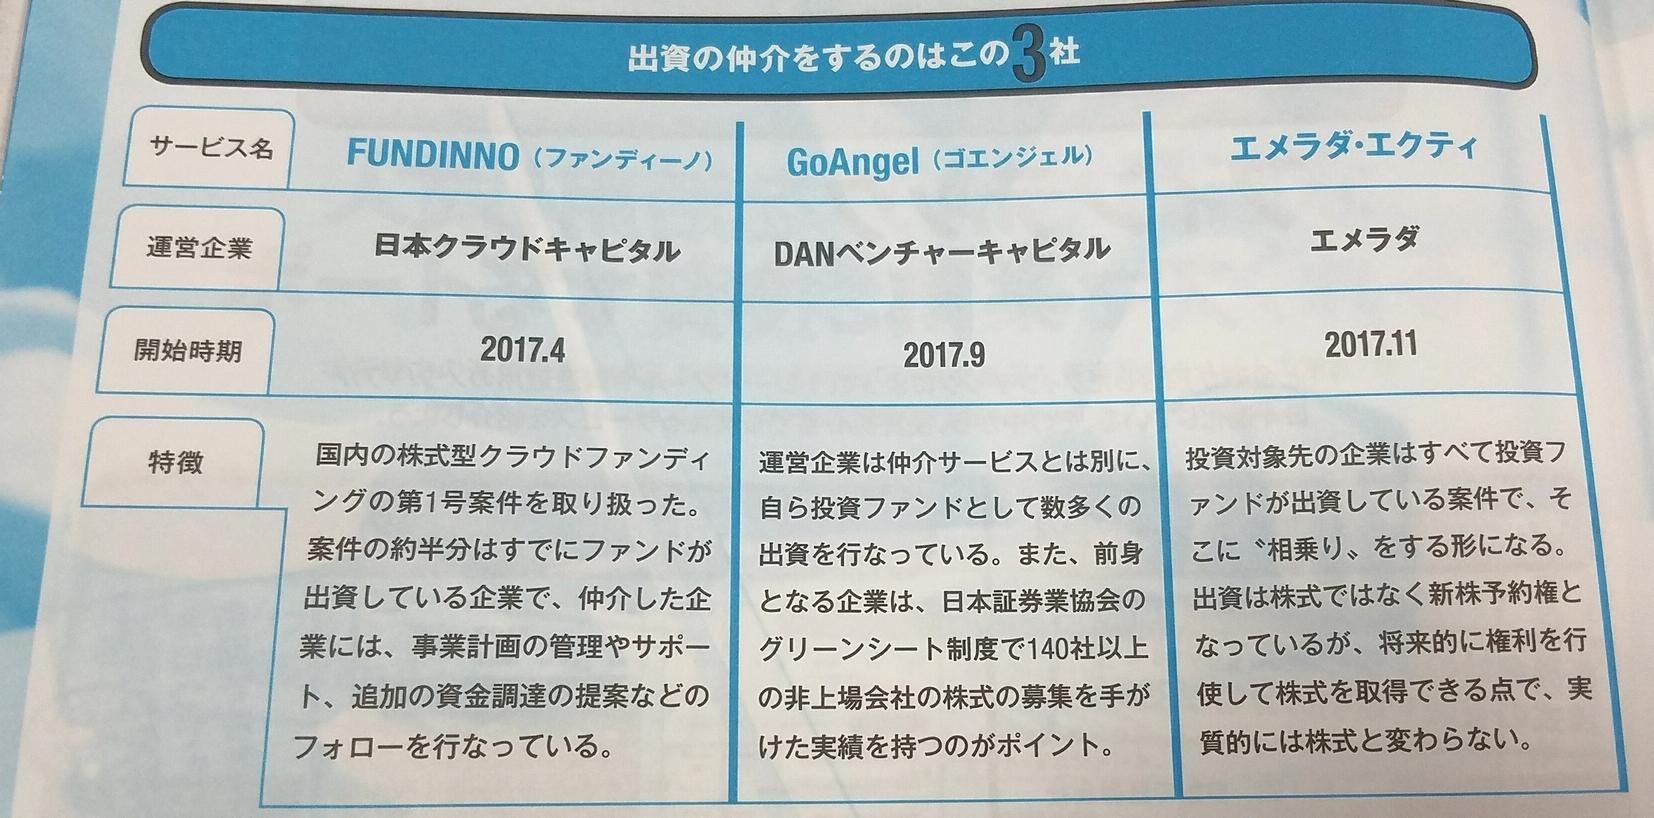 株式型クラウドファンディング3社紹介